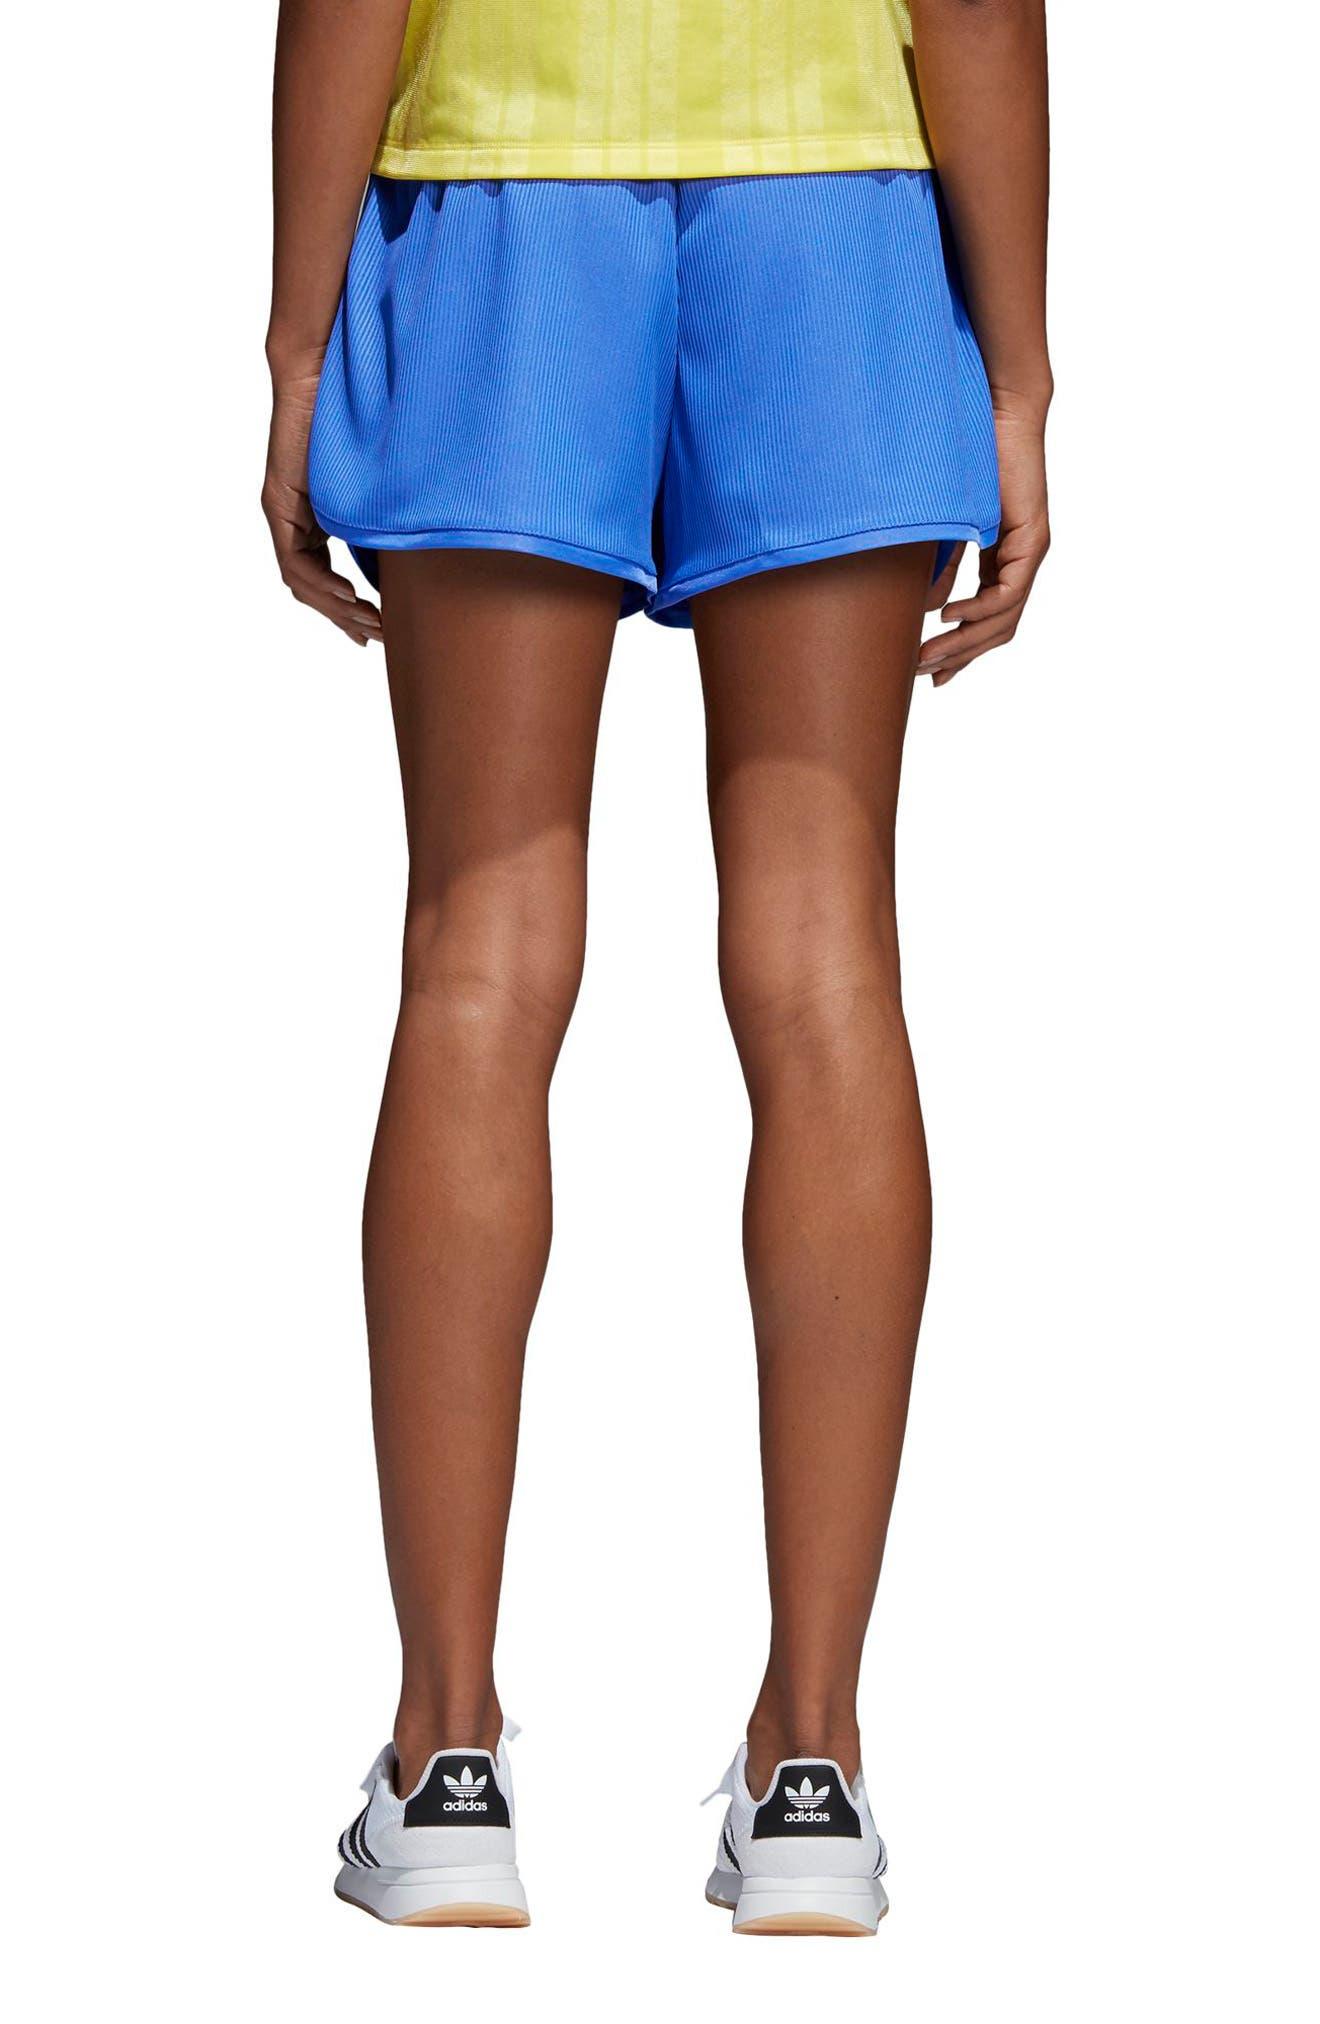 Originals Fashion League Shorts,                             Alternate thumbnail 2, color,                             Hi-Res Blue